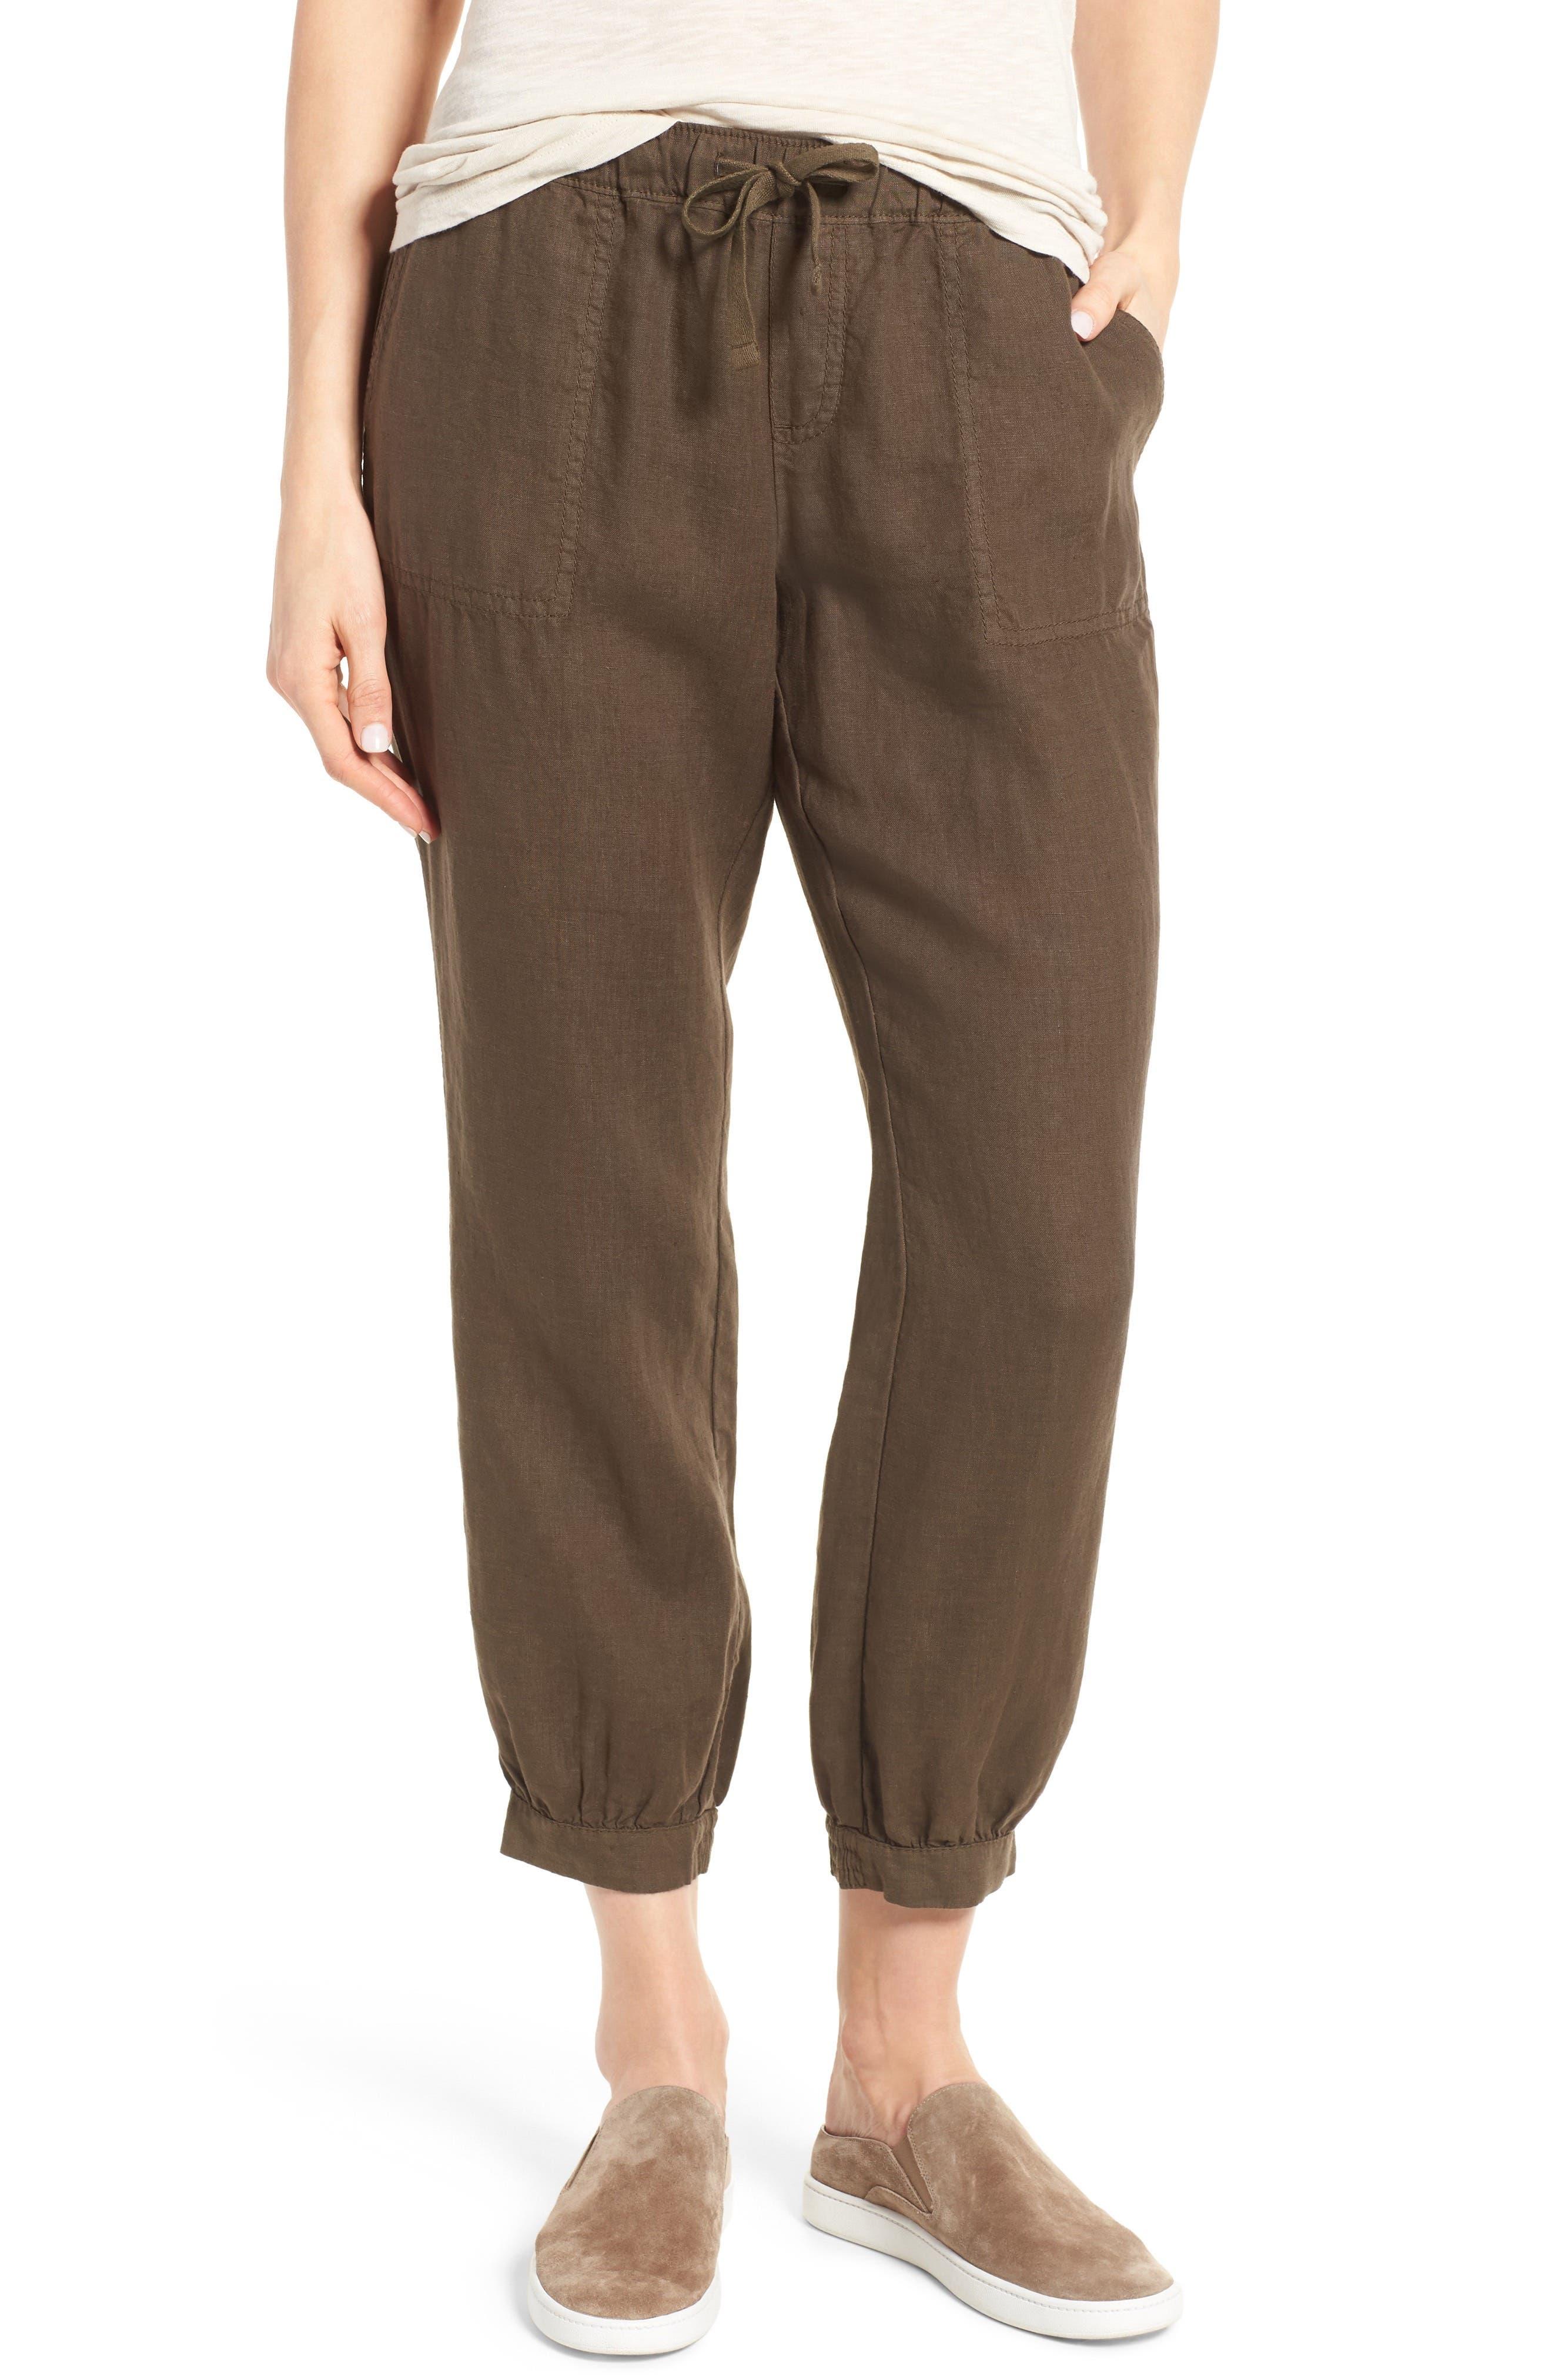 Linen Pants For Women P4tvGltr